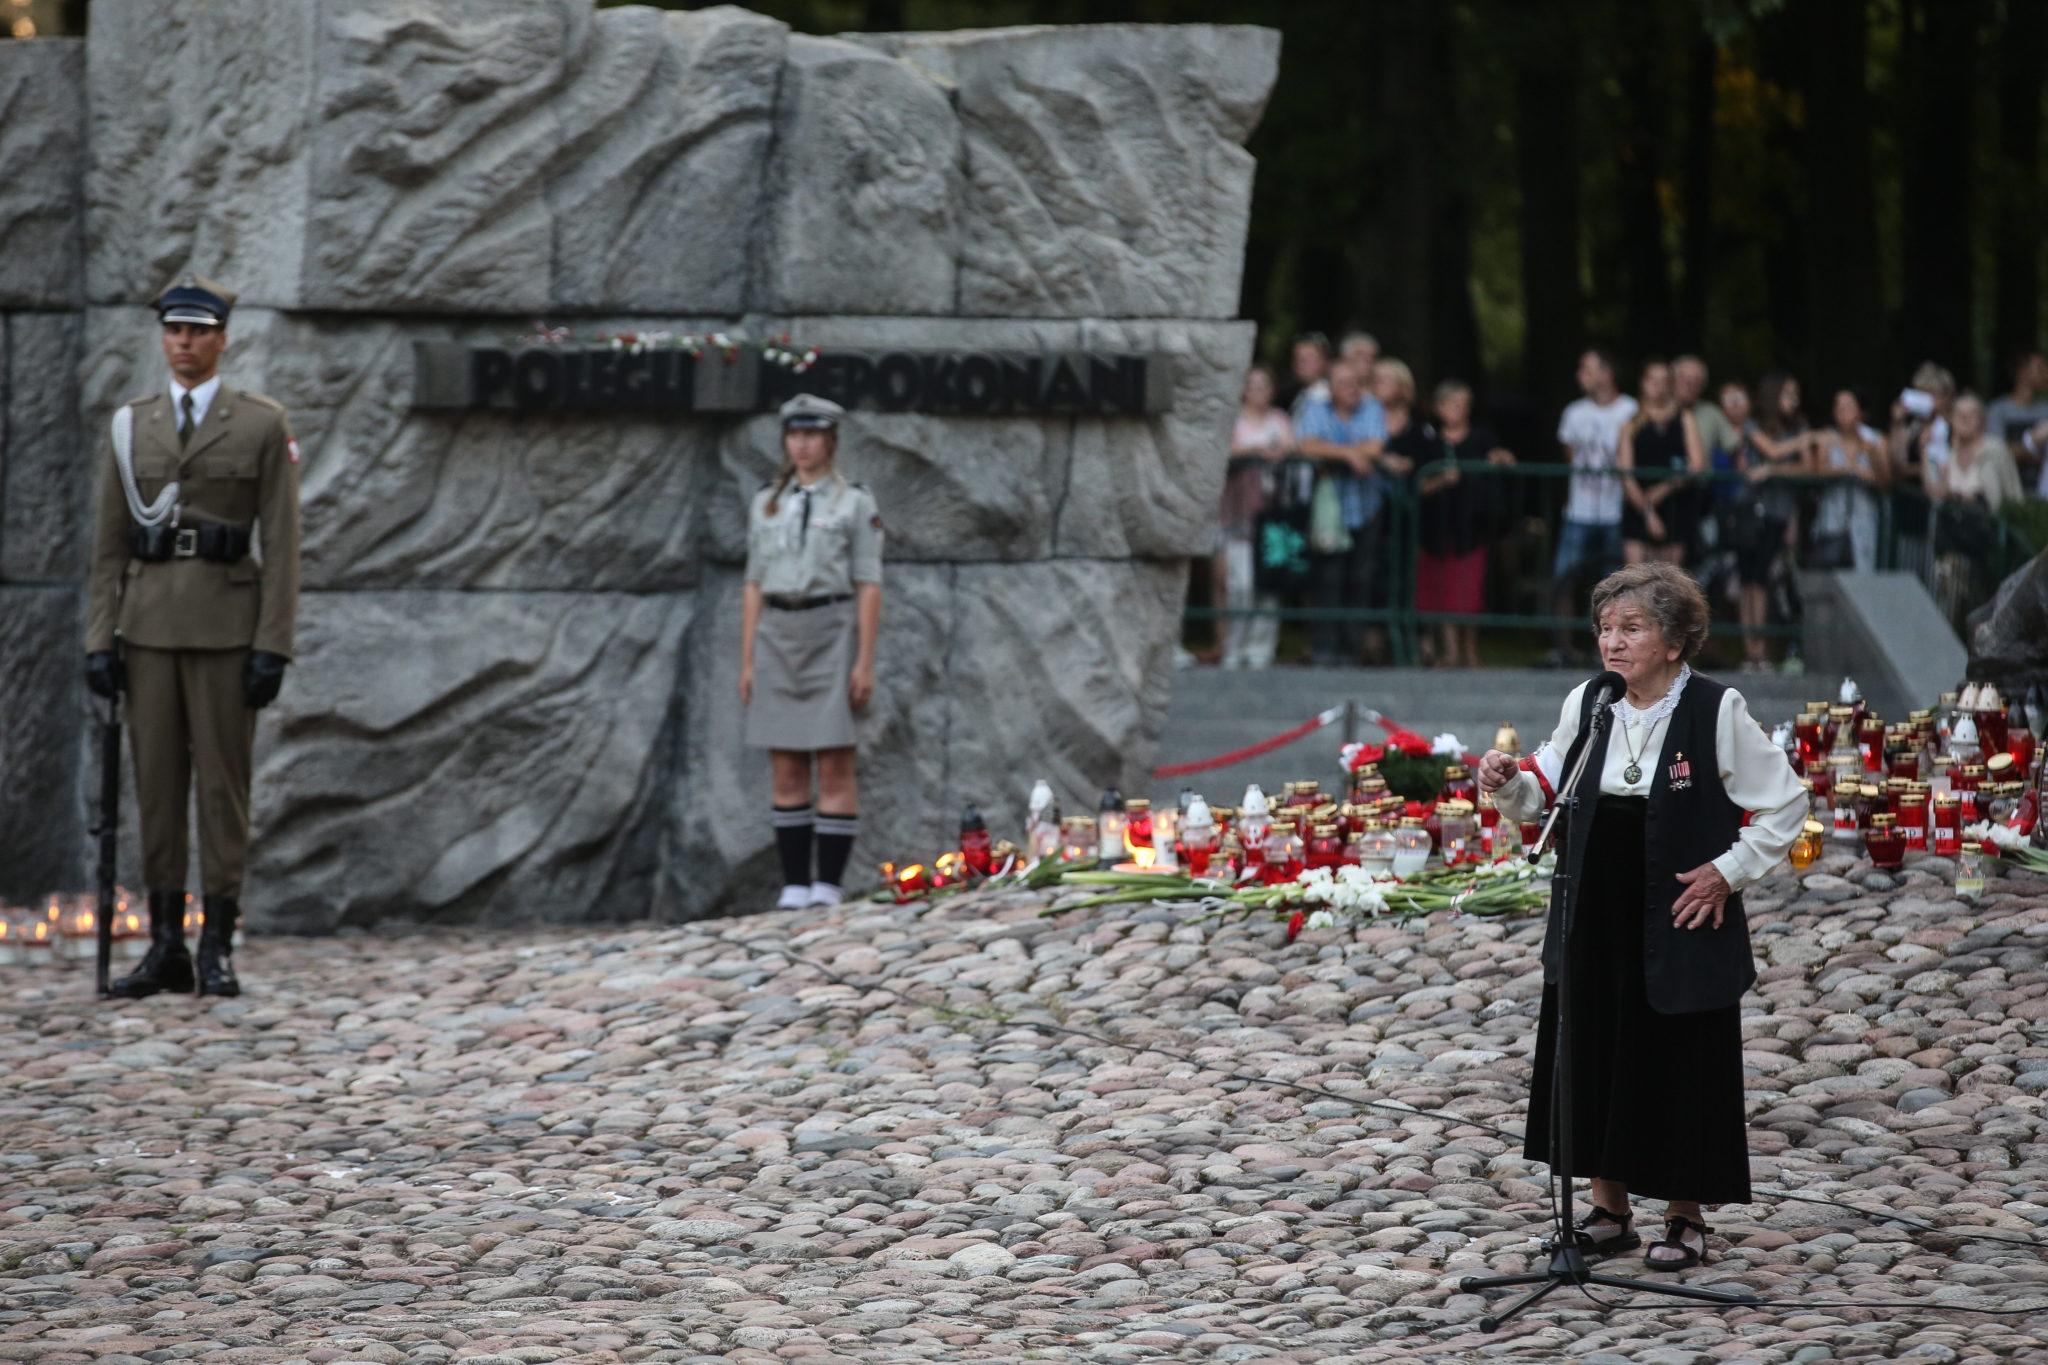 Warszawa, Działaczka podziemia niepodlegściowego w czasie II wojny światowej, żołnierz Armii Krajowej,Wanda Traczyk-Stawska (P) podczas uroczystoœci przed pomnikiem